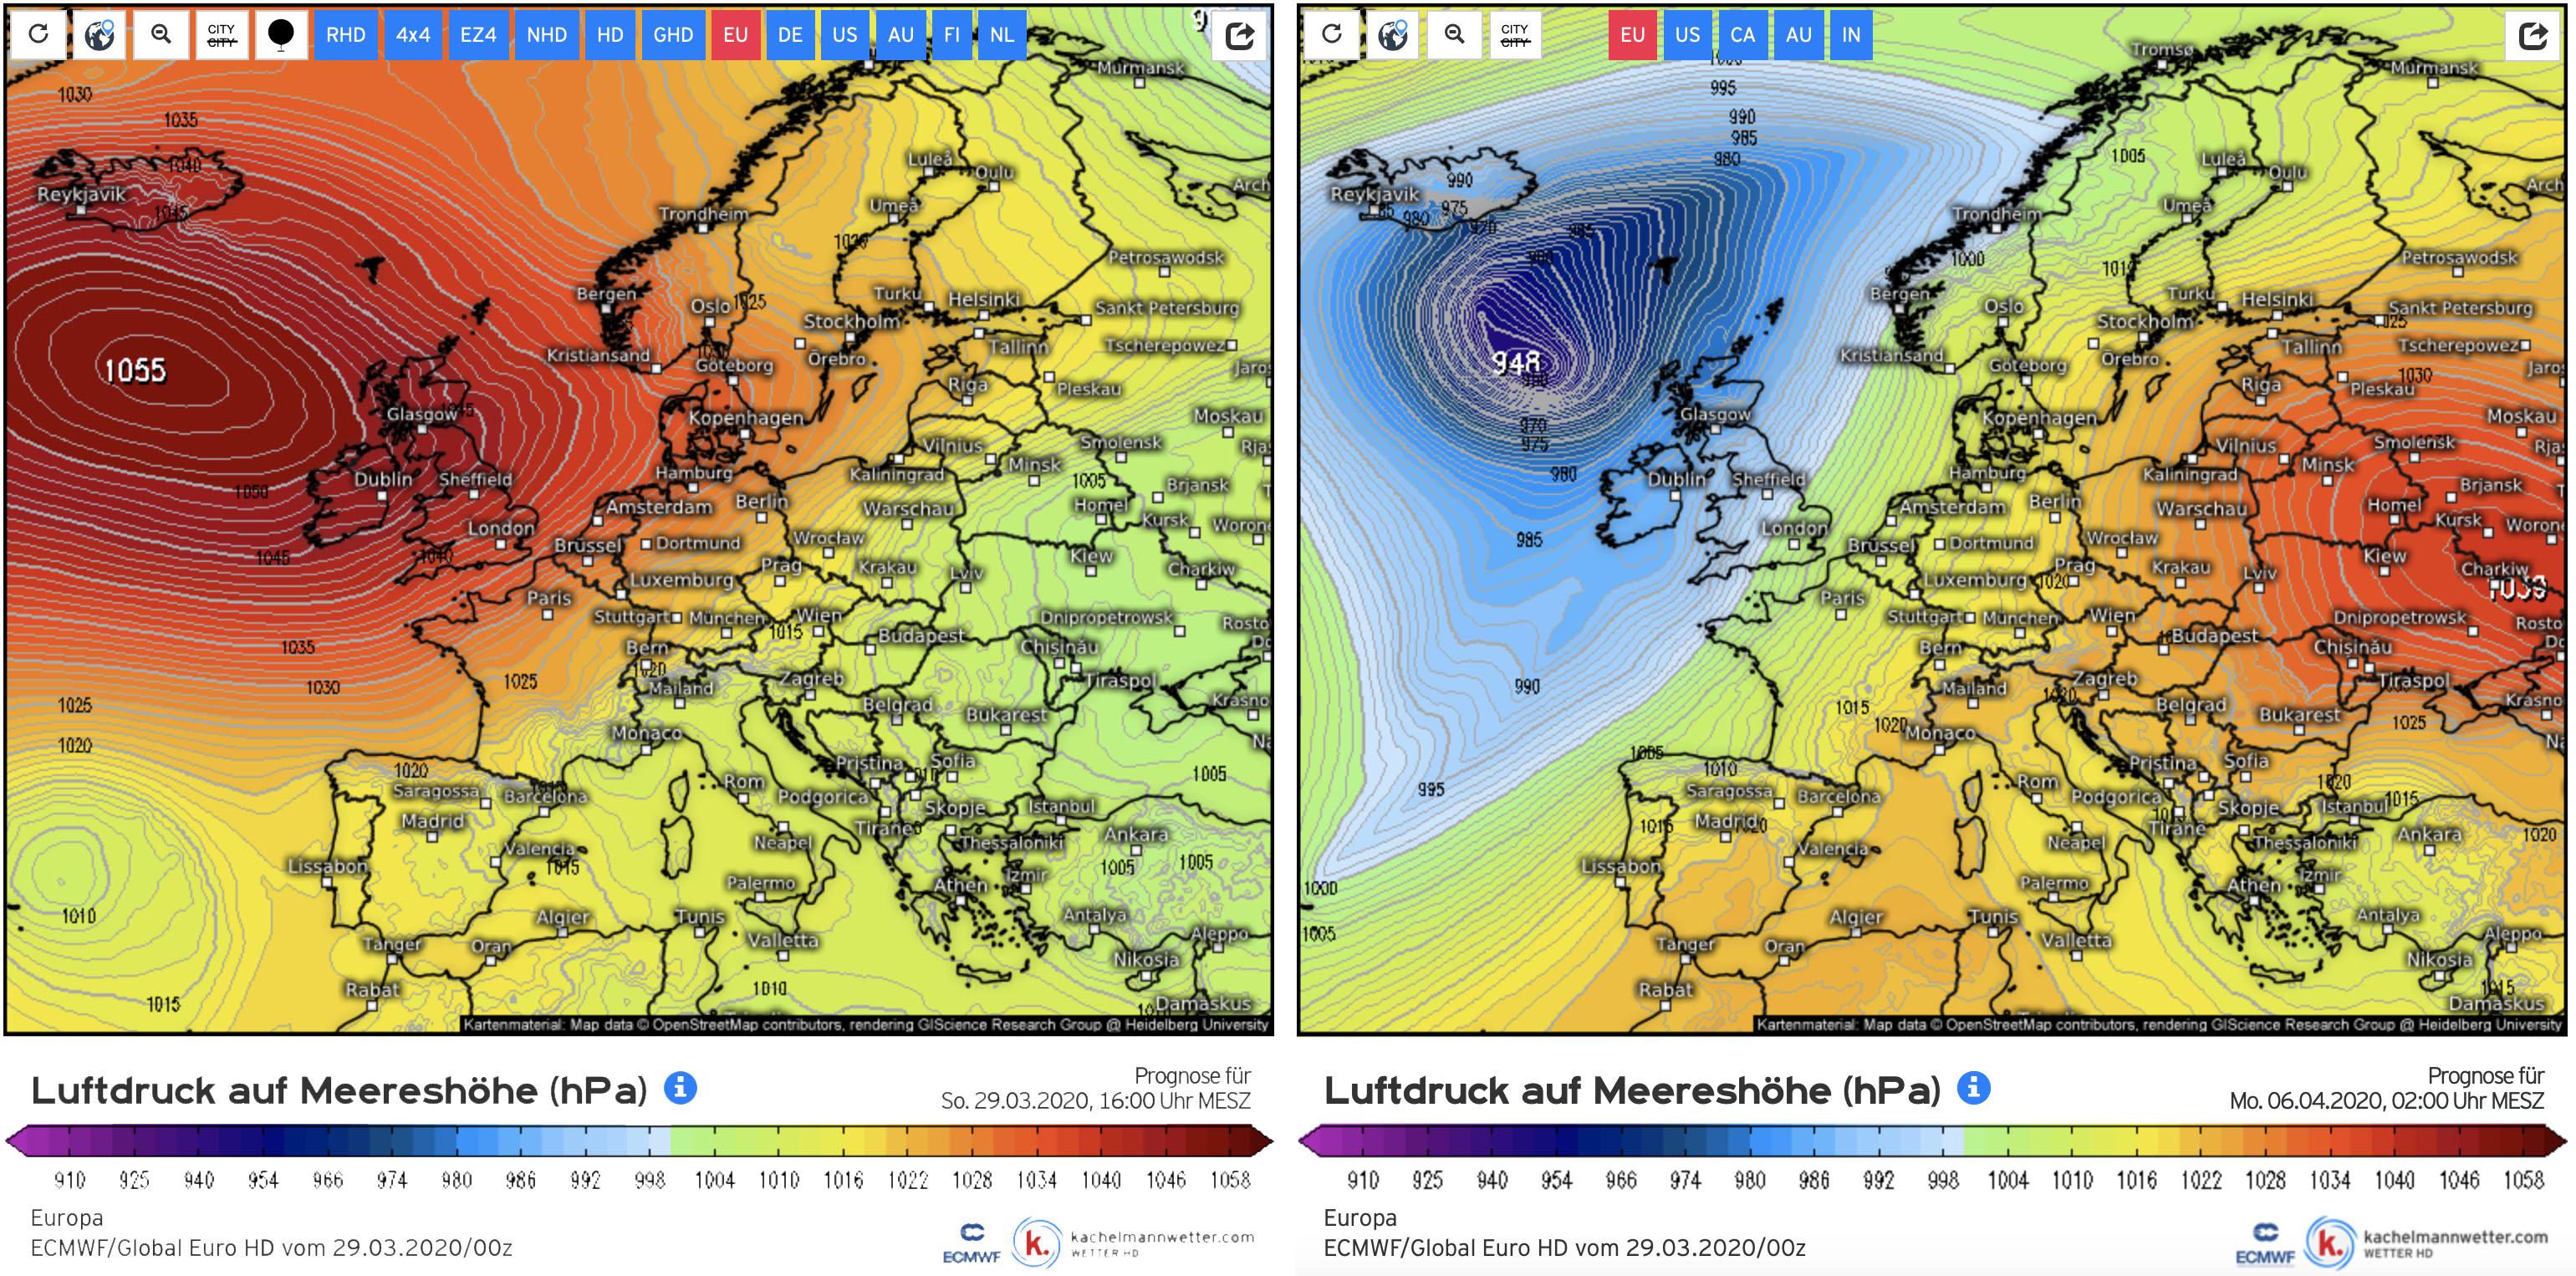 De komende week maakt het zeer sterke hogedruk op de Atlantische Oceaan plaats voor een zeer diep lage drukgebied (bron: www.kachelmannwetter.com).